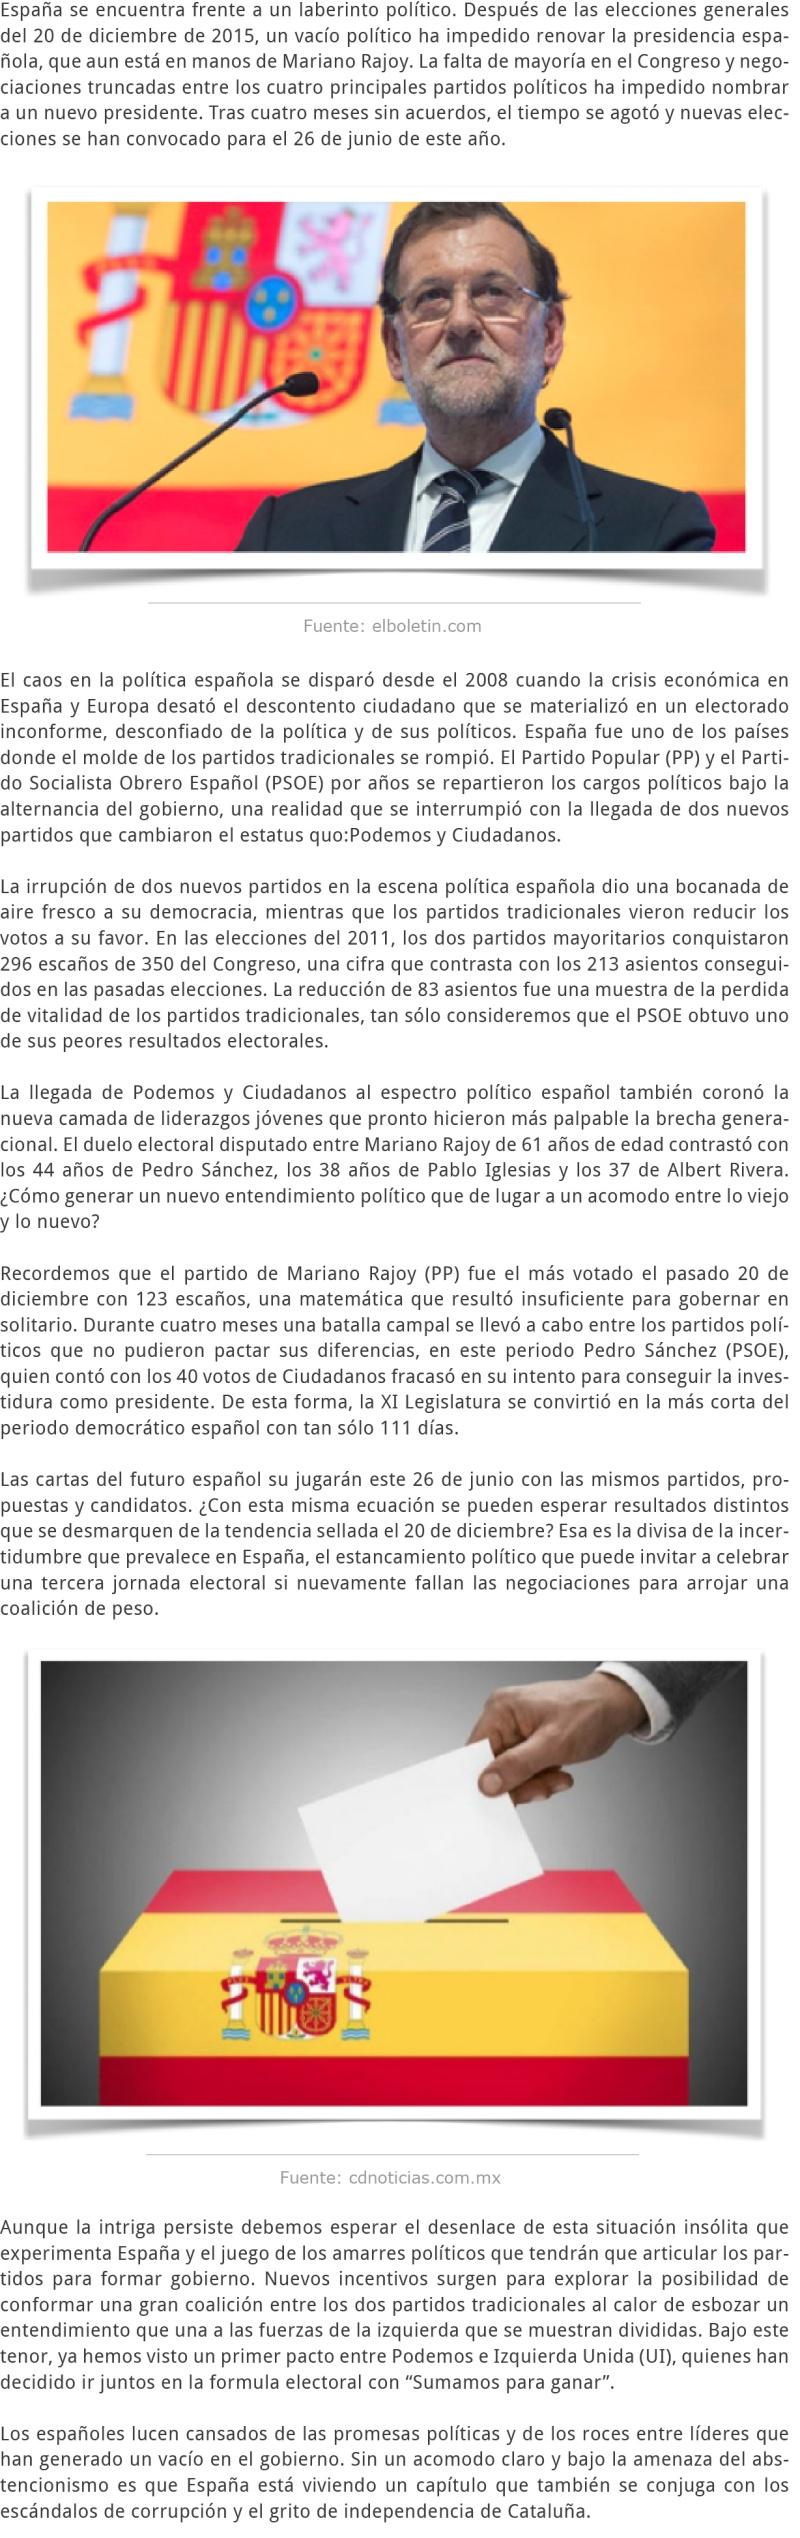 Elecciones en España y los nudos políticos